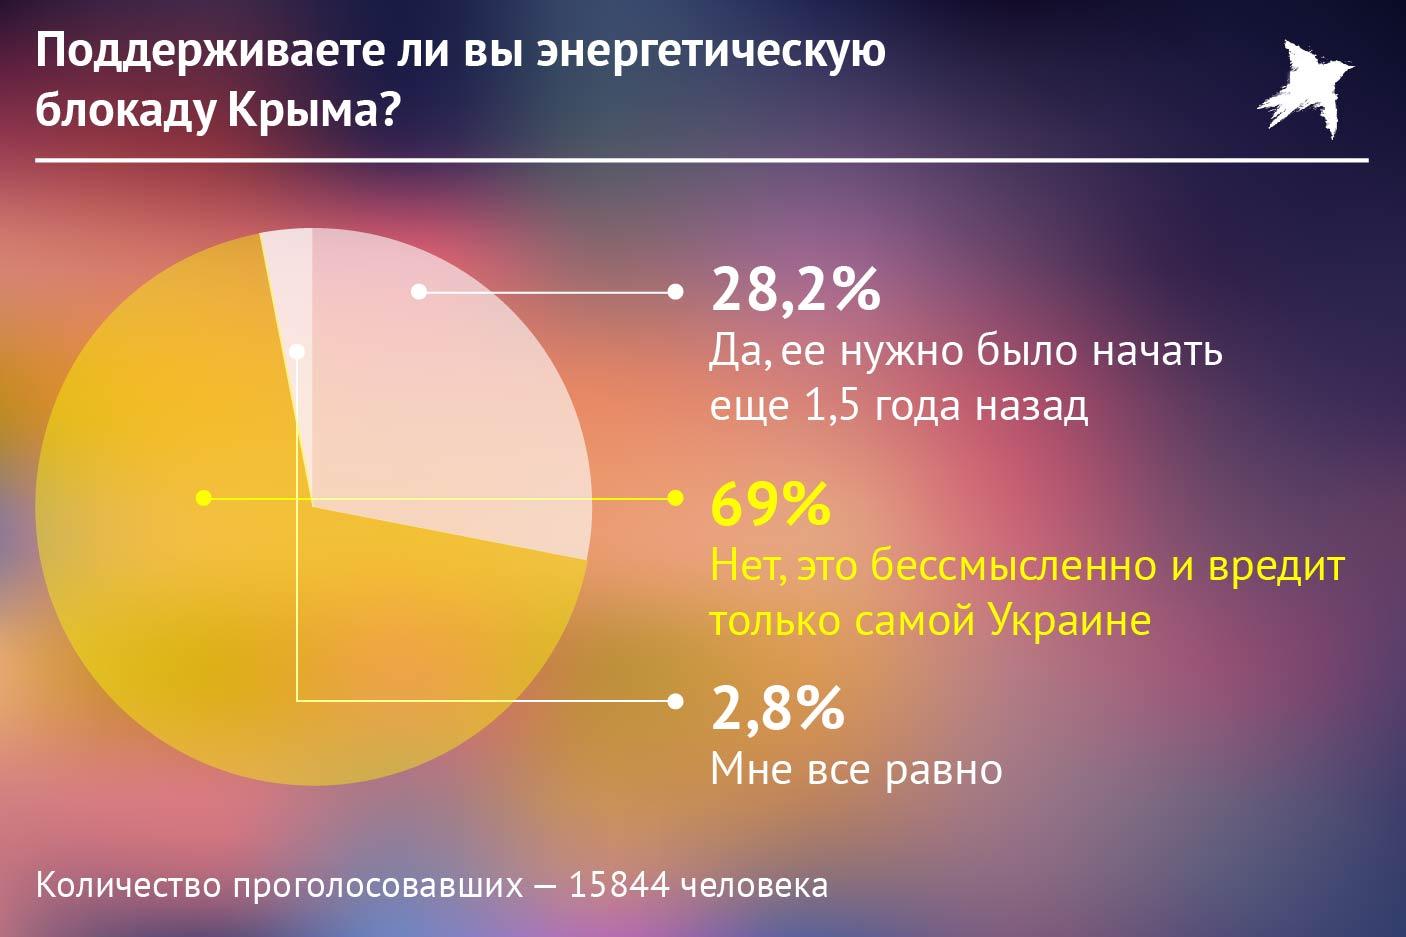 Опрос об энергетической блокаде Крыма. Фото: Наиль ВАЛИУЛИН